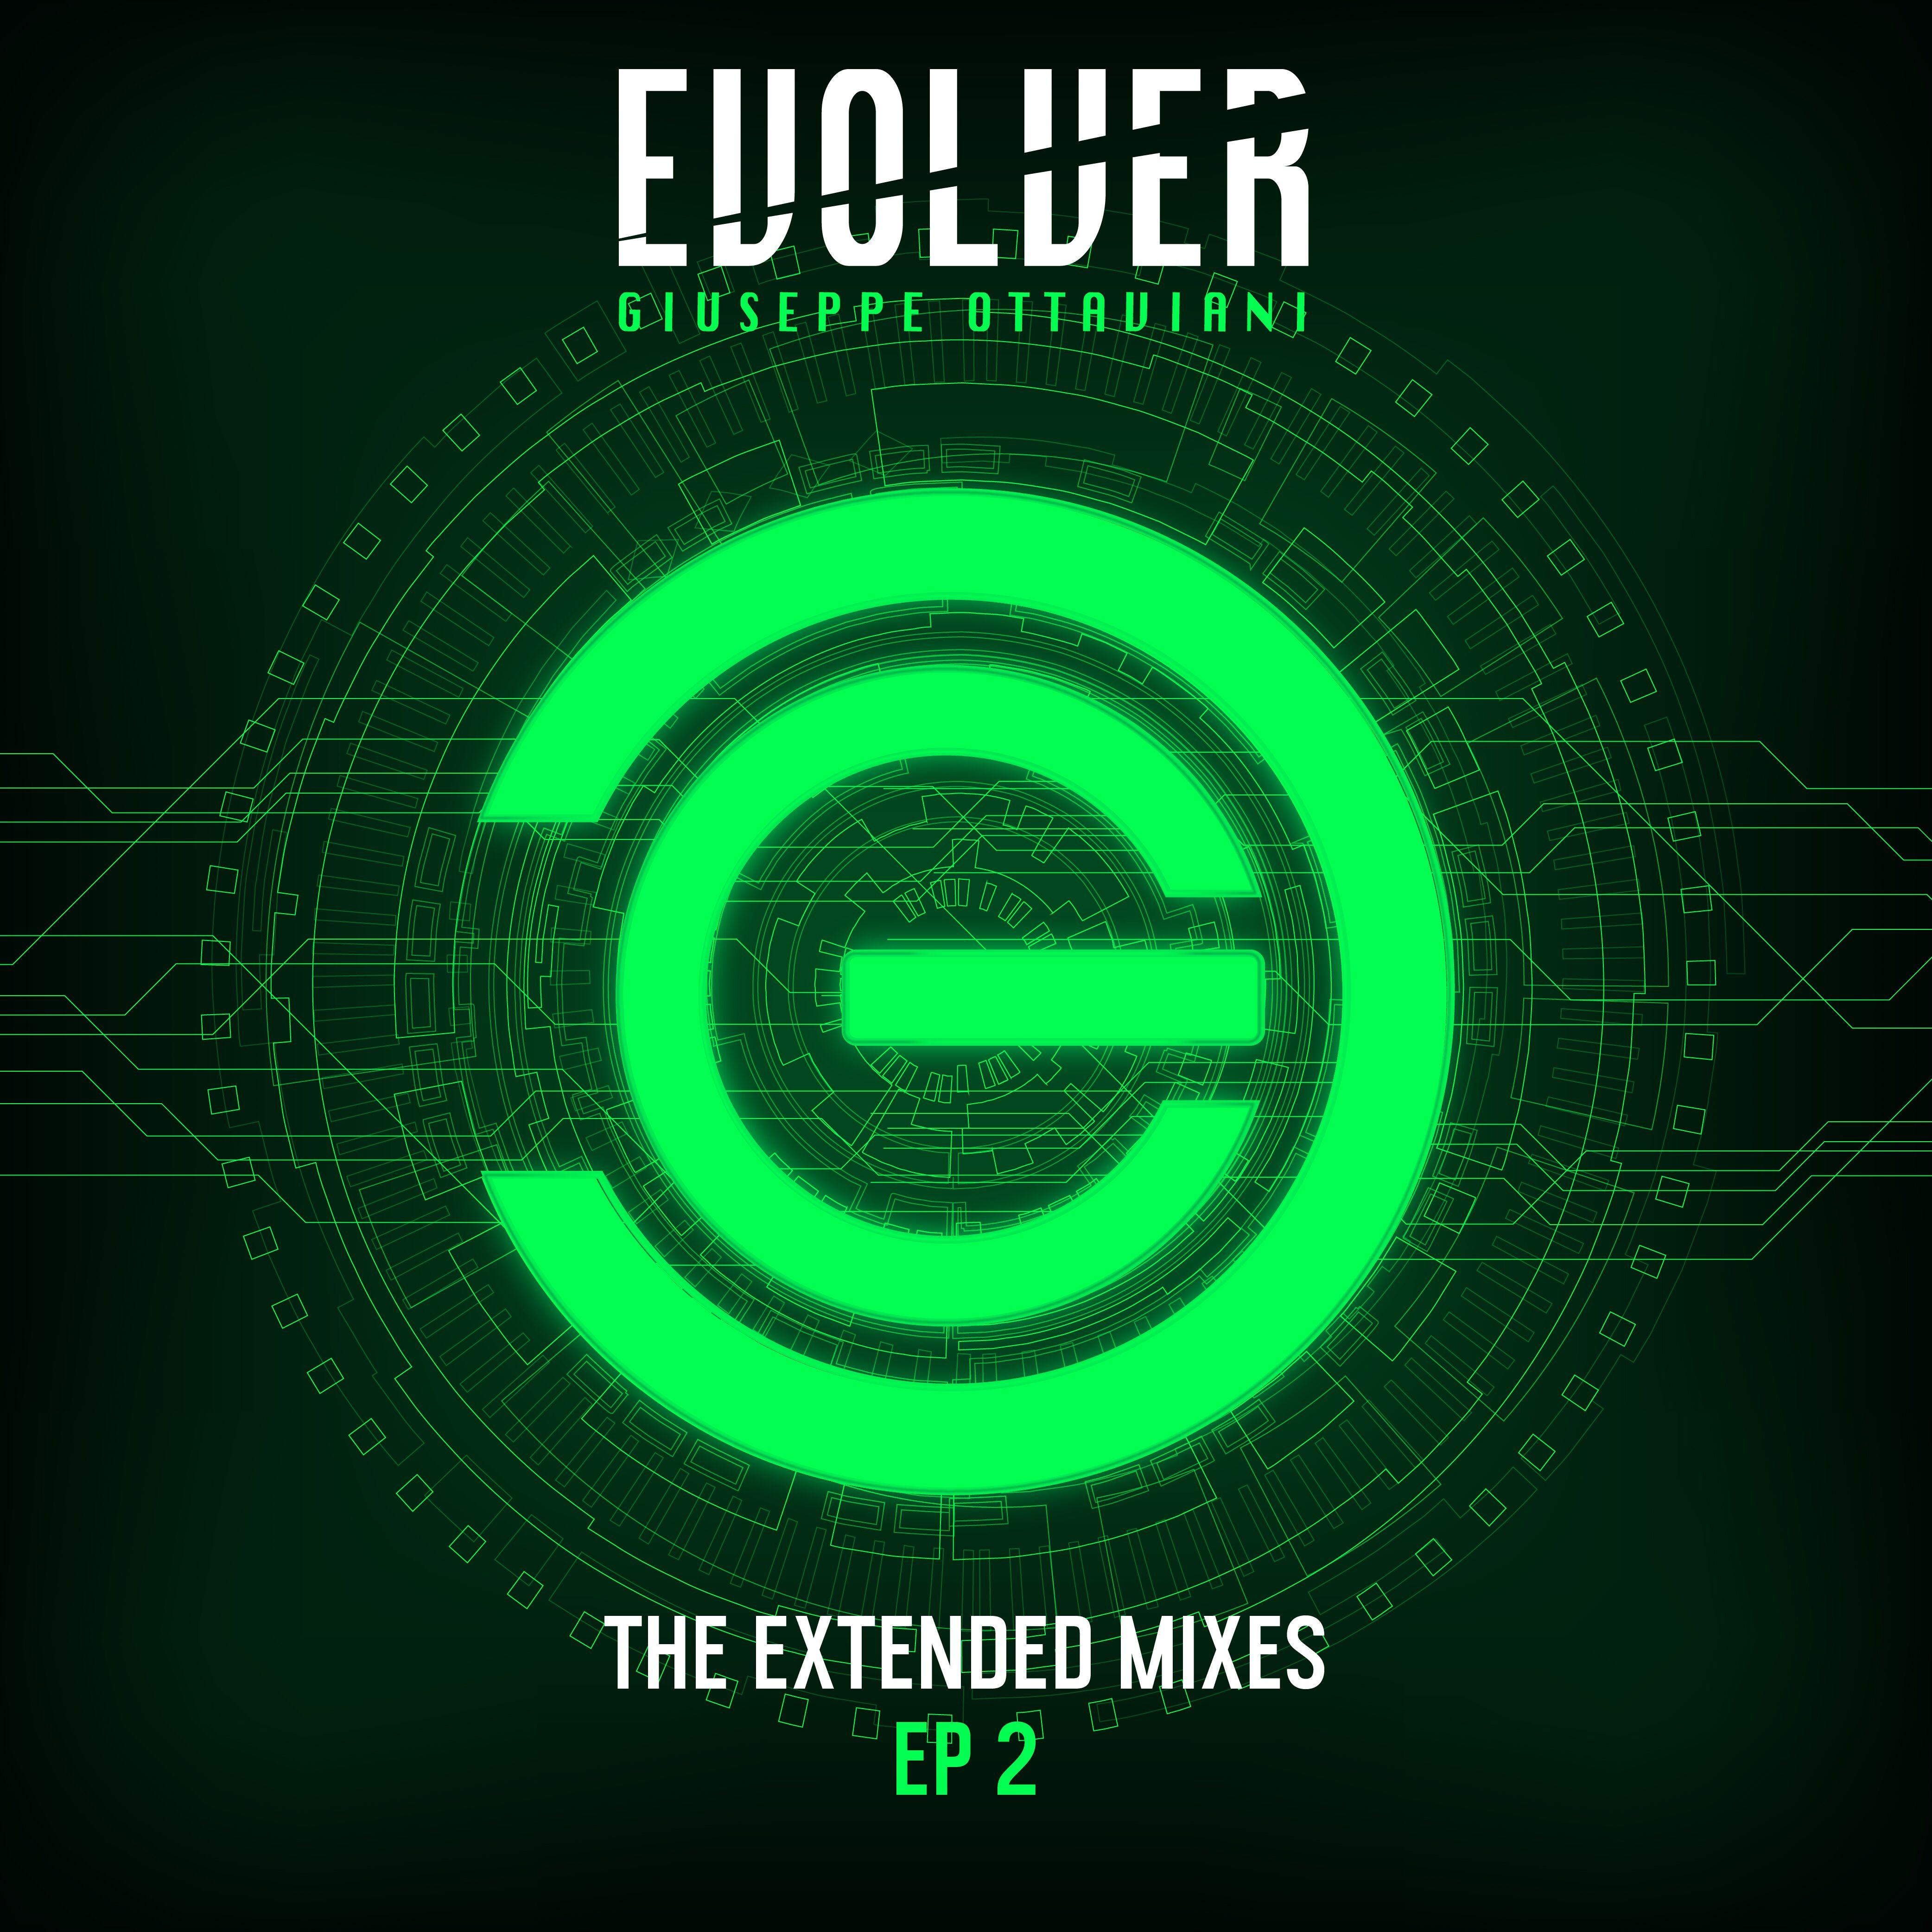 Giuseppe Ottaviani – Evolver Extended EP 2